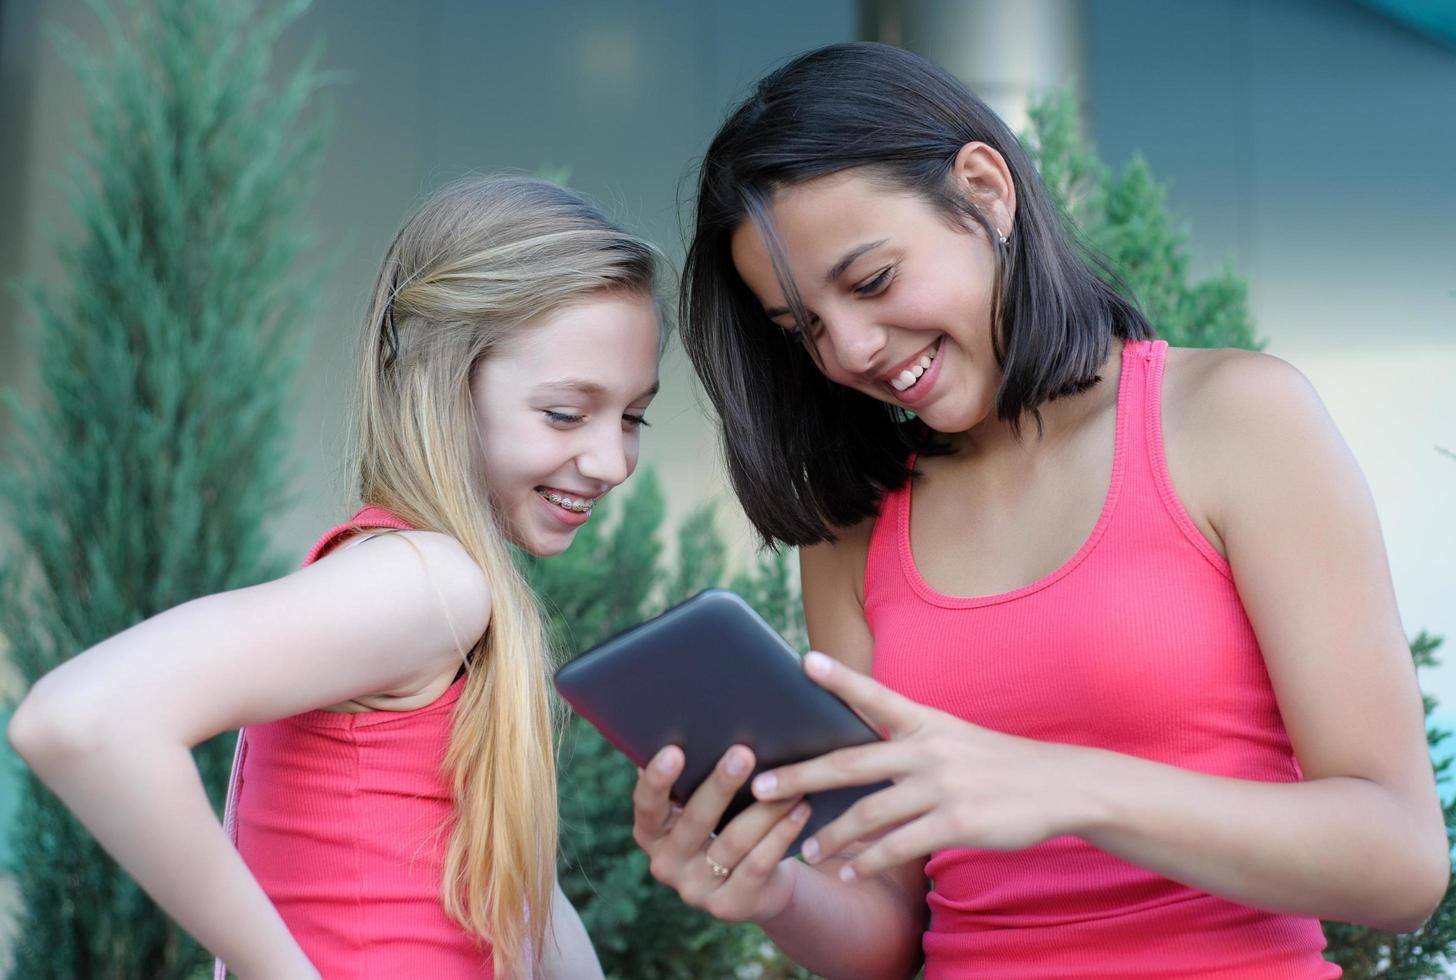 due ragazze che si divertono utilizzando un tablet foto